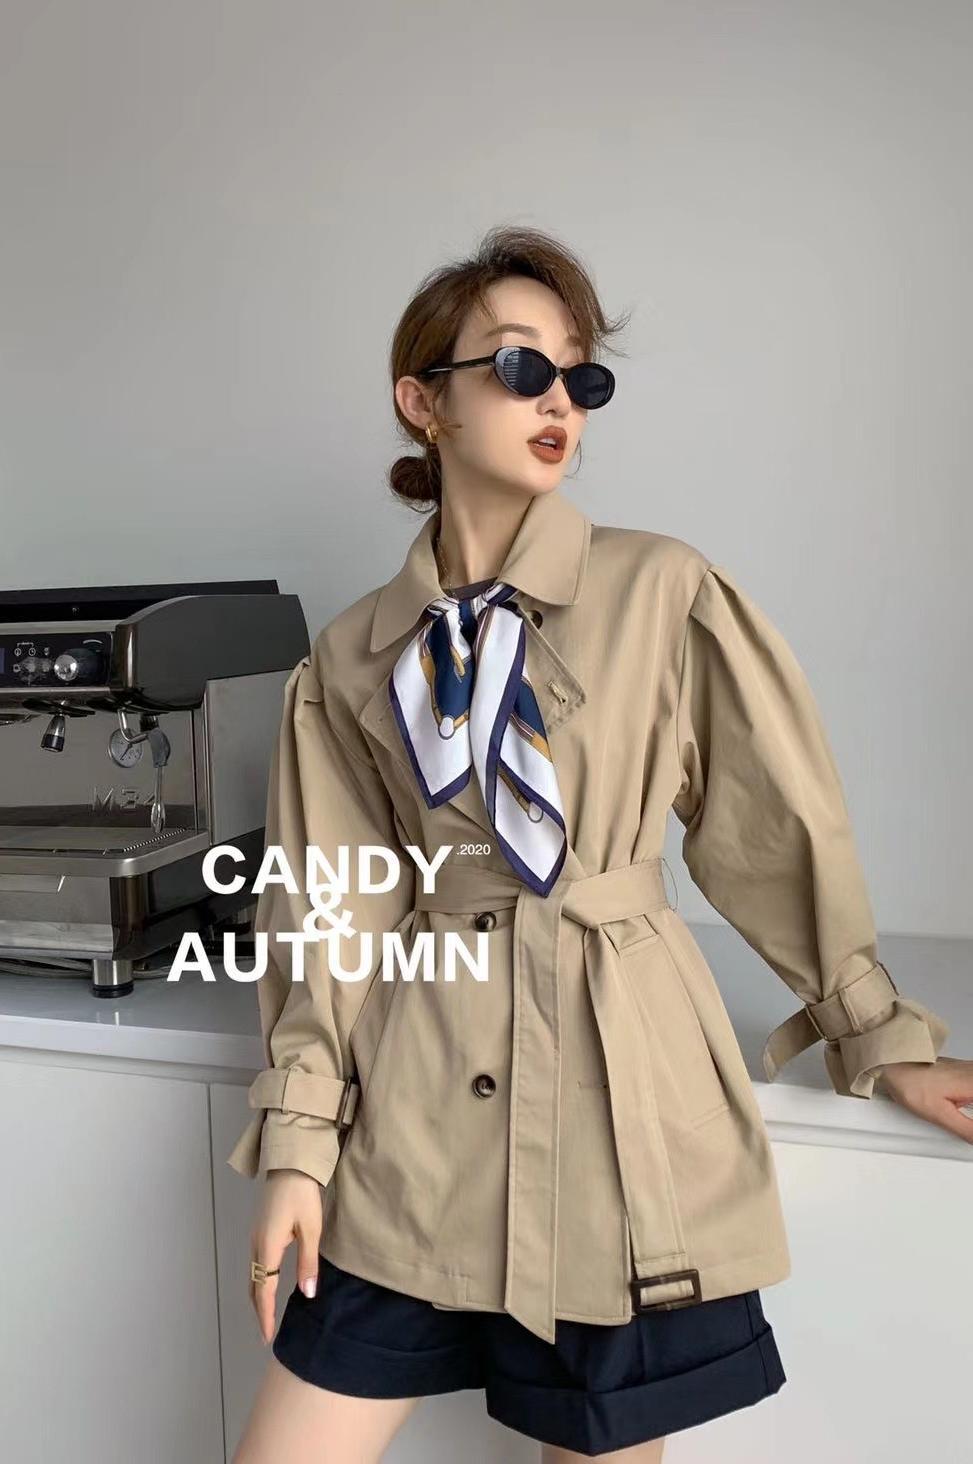 新品韩版宽松风衣外套女2020秋季英伦风系带双排扣上衣-包子铺-